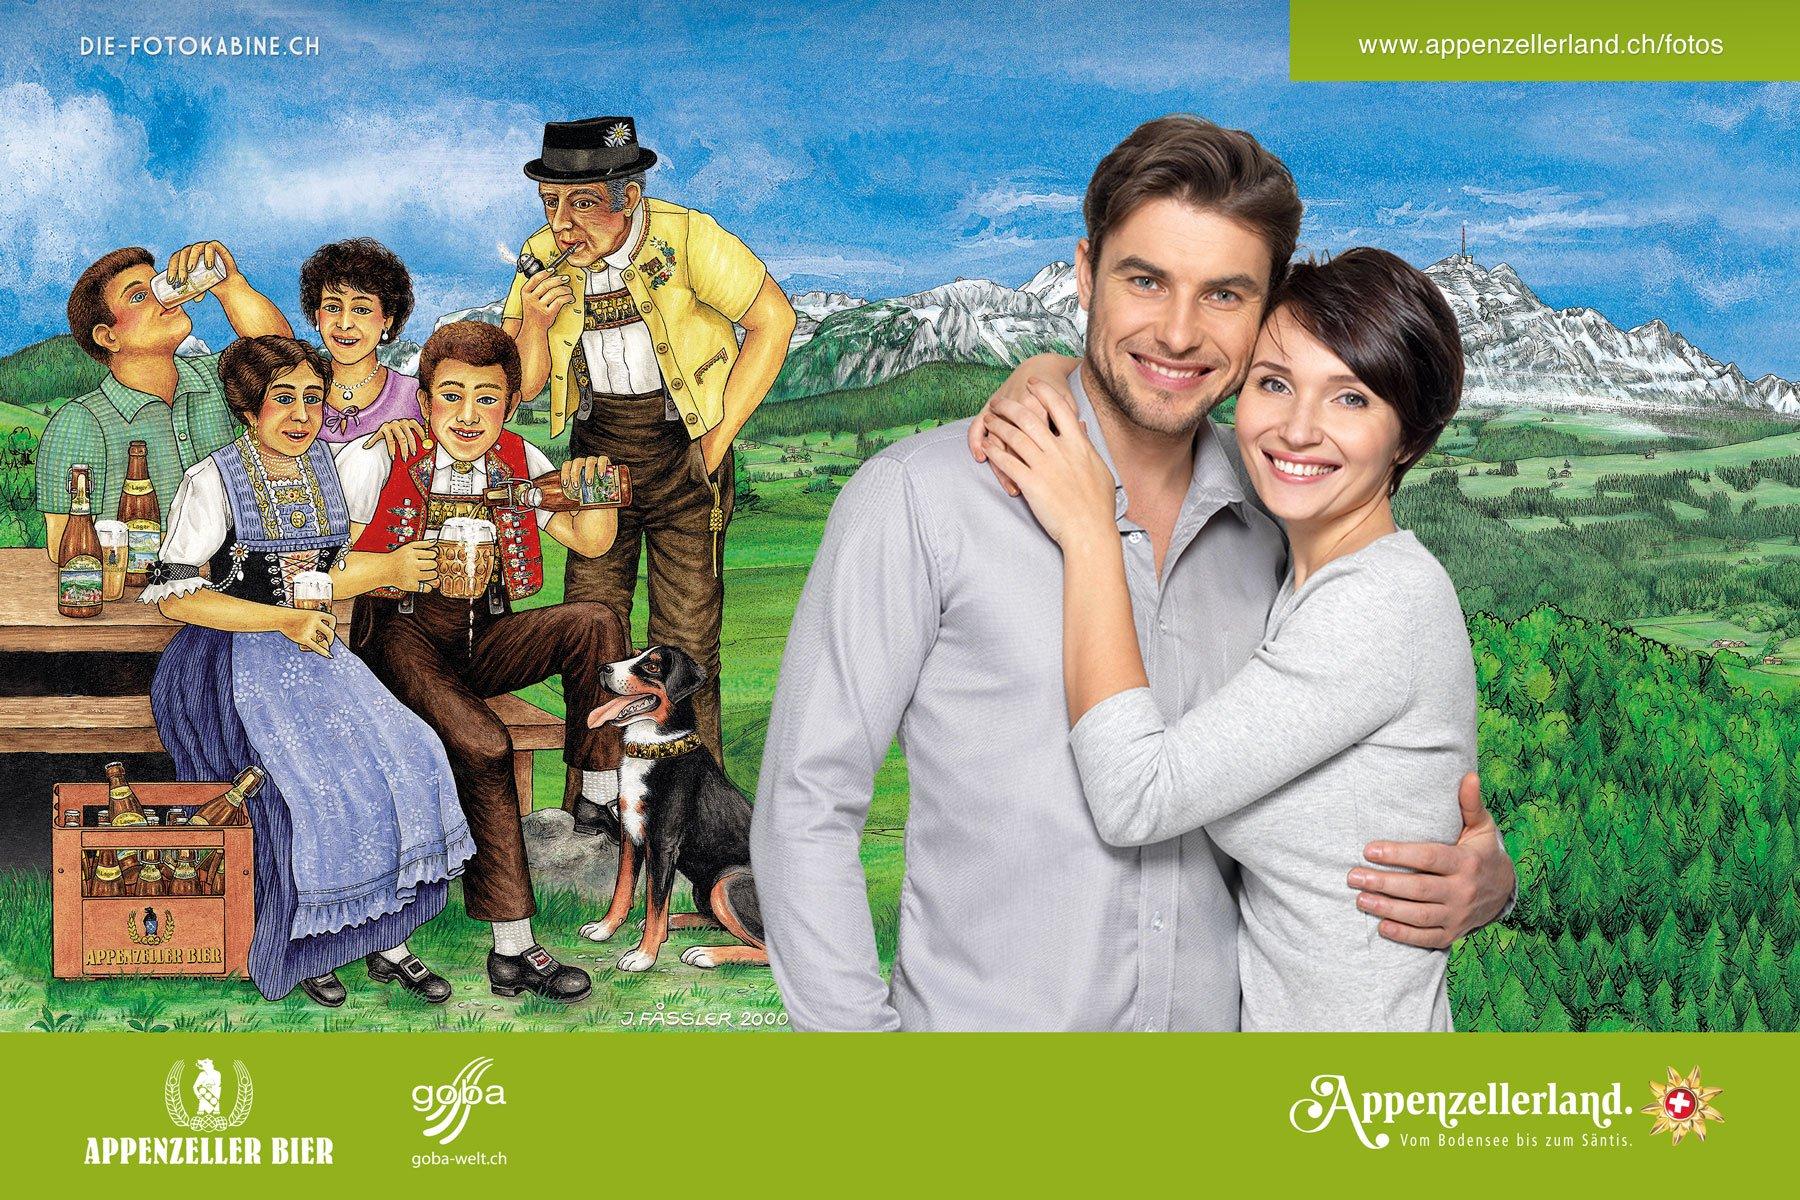 Fotobox mit externem Terminal und Gewinnspiel für Appenzellerland Tourismus